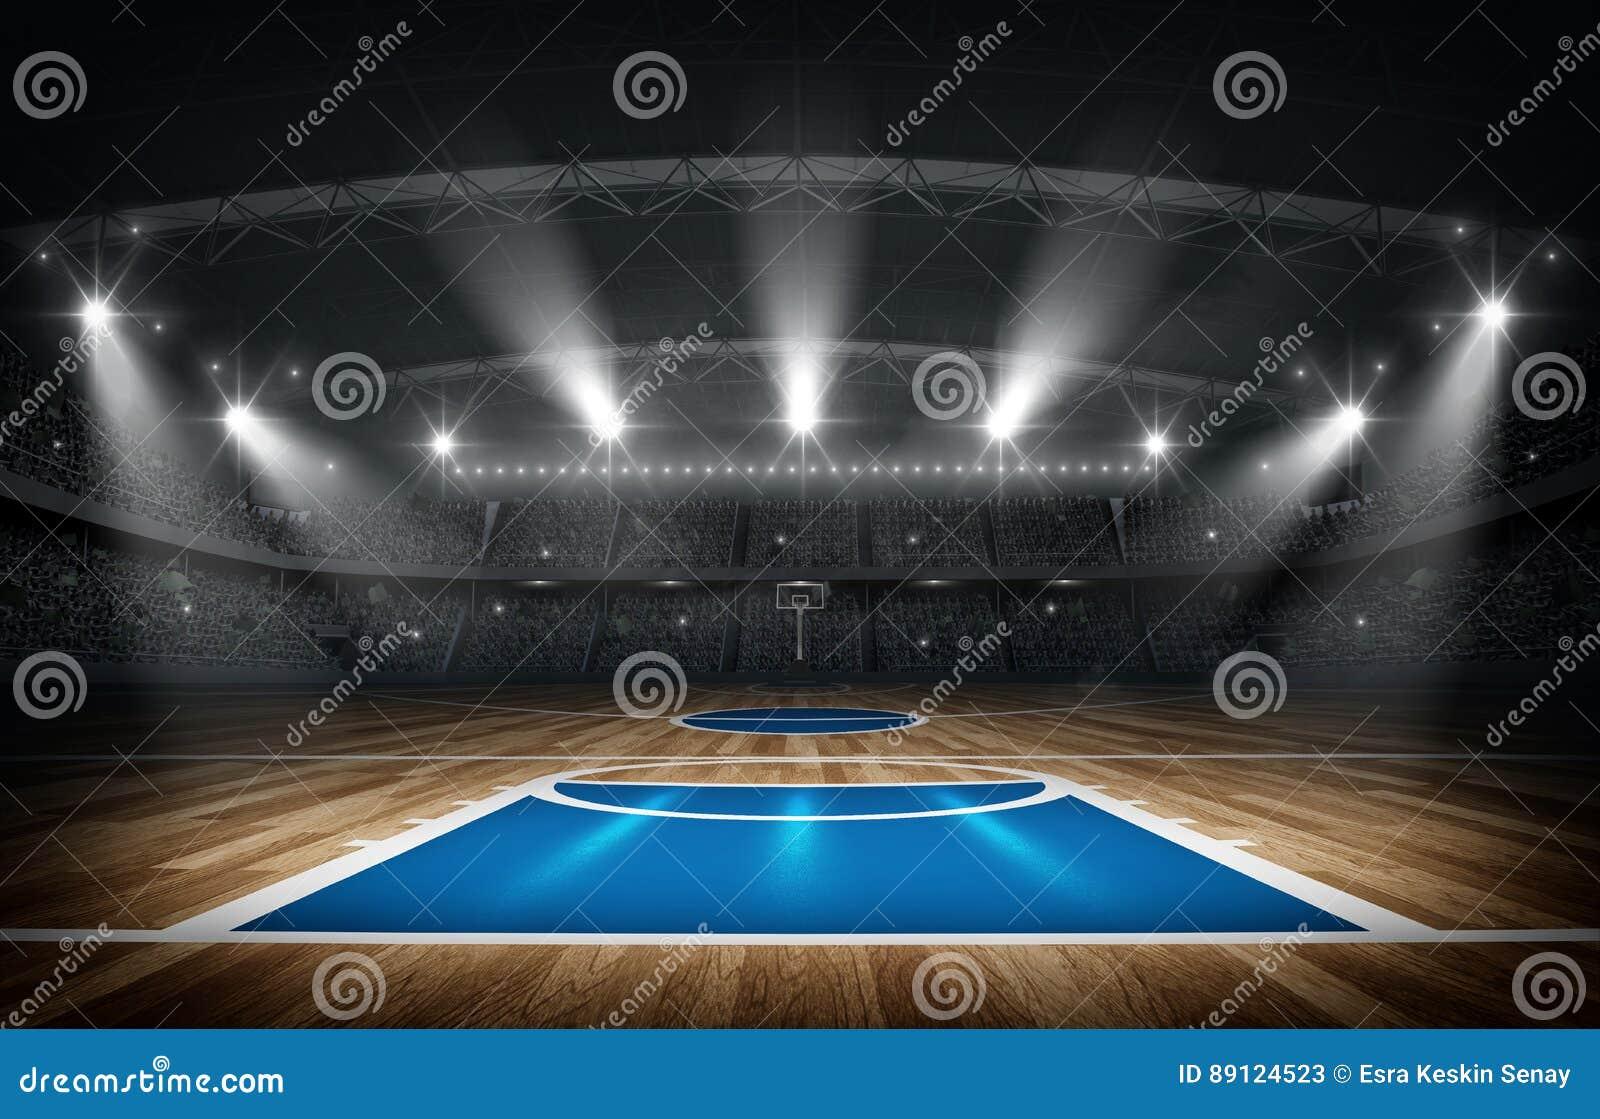 Arène de basket-ball, rendu 3d